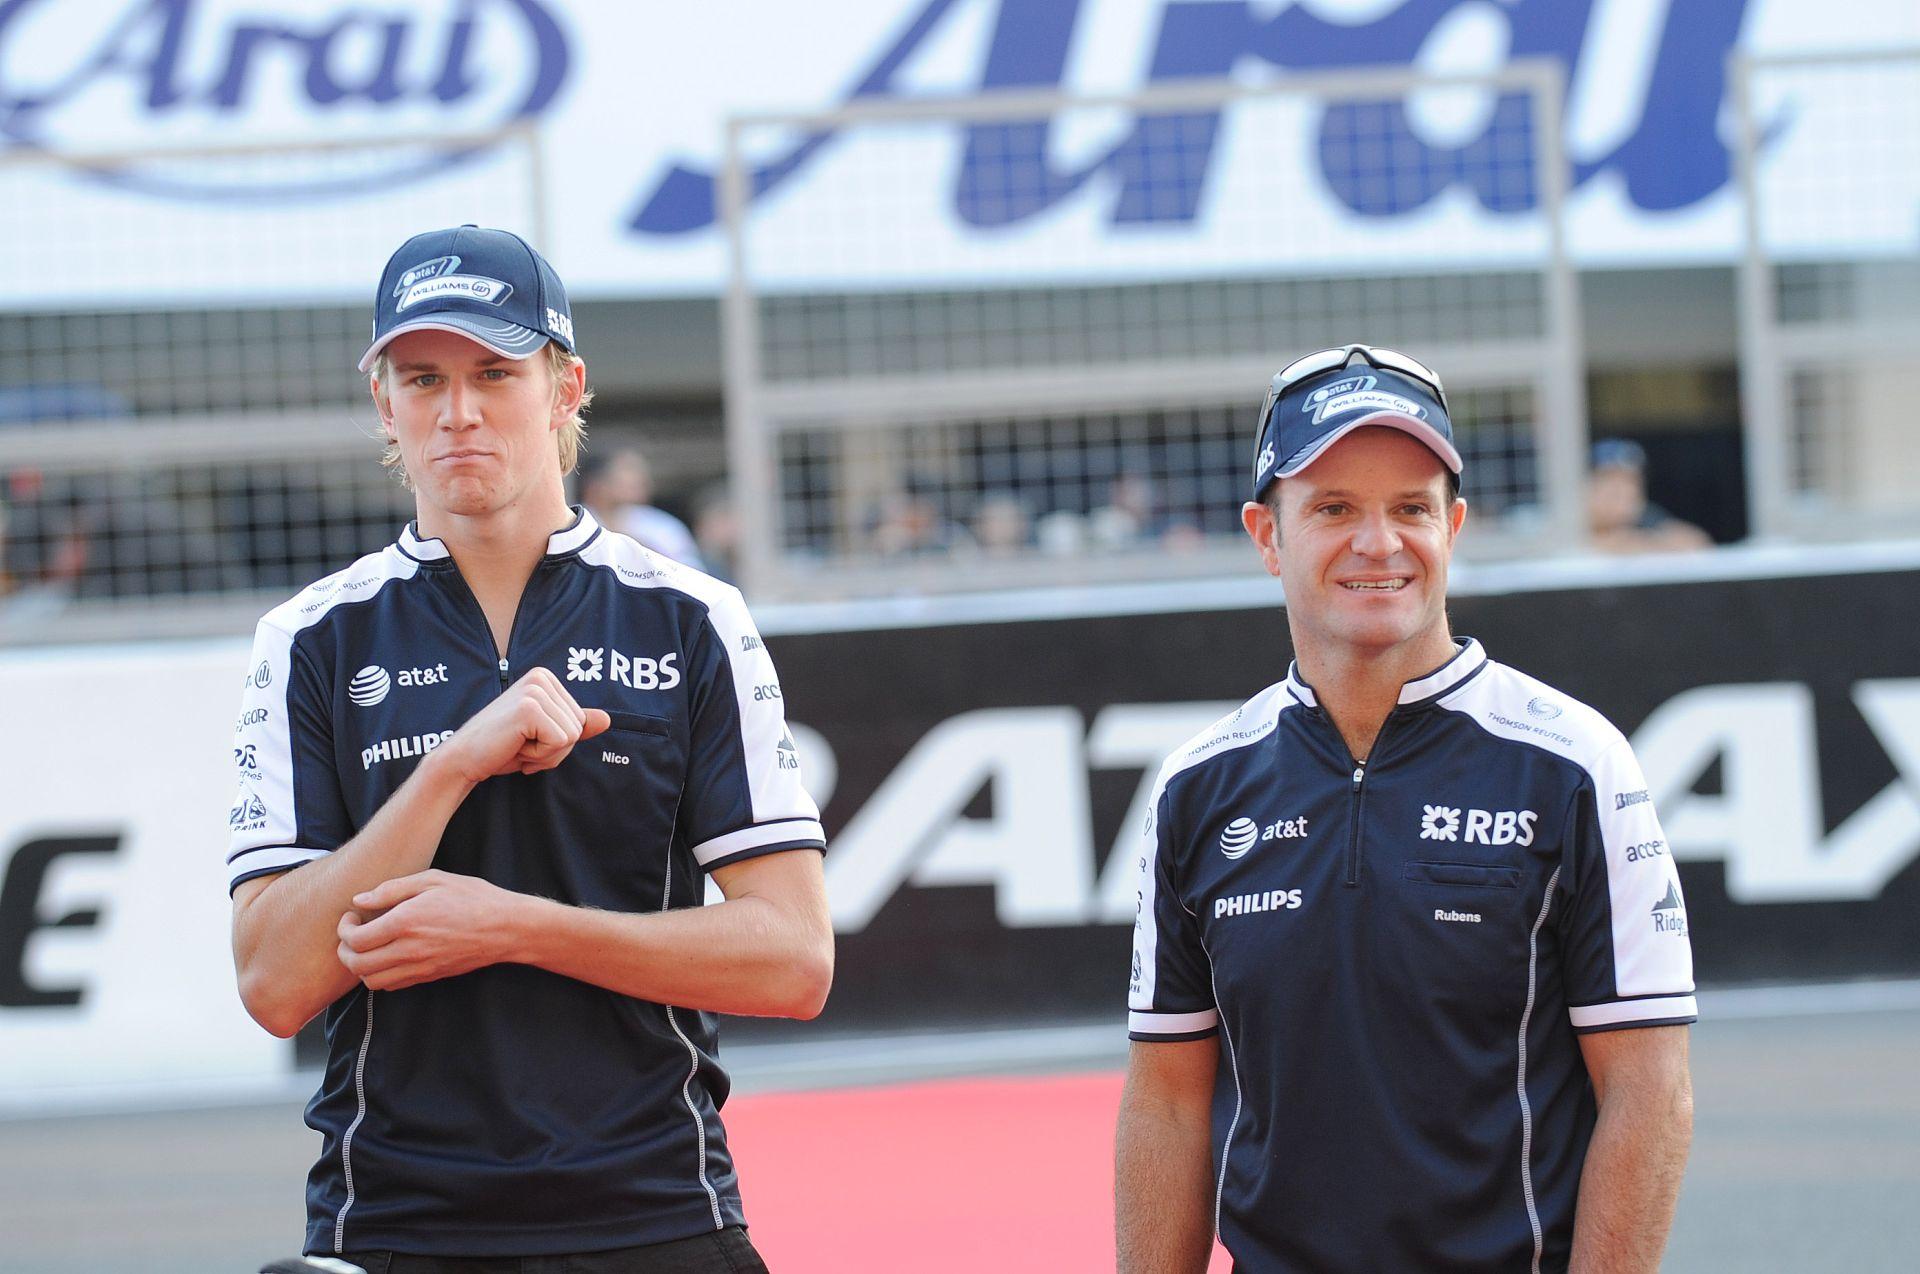 Barrichello: Top-csapatot Hülkenbergnek!